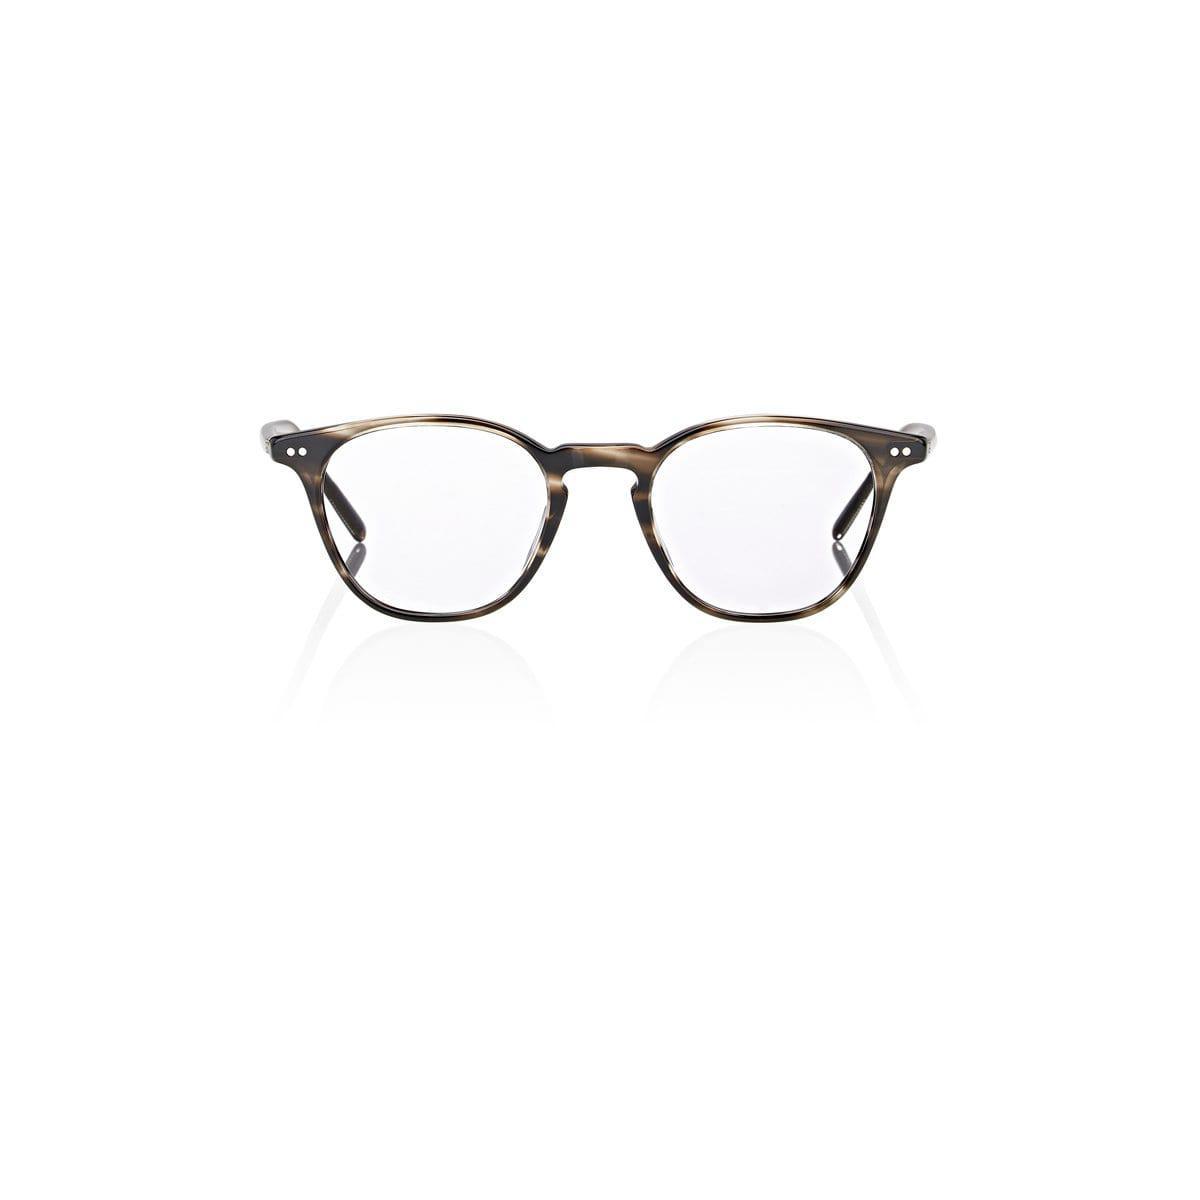 1f420d32c1 Lyst - Oliver Peoples Hanks Eyeglasses